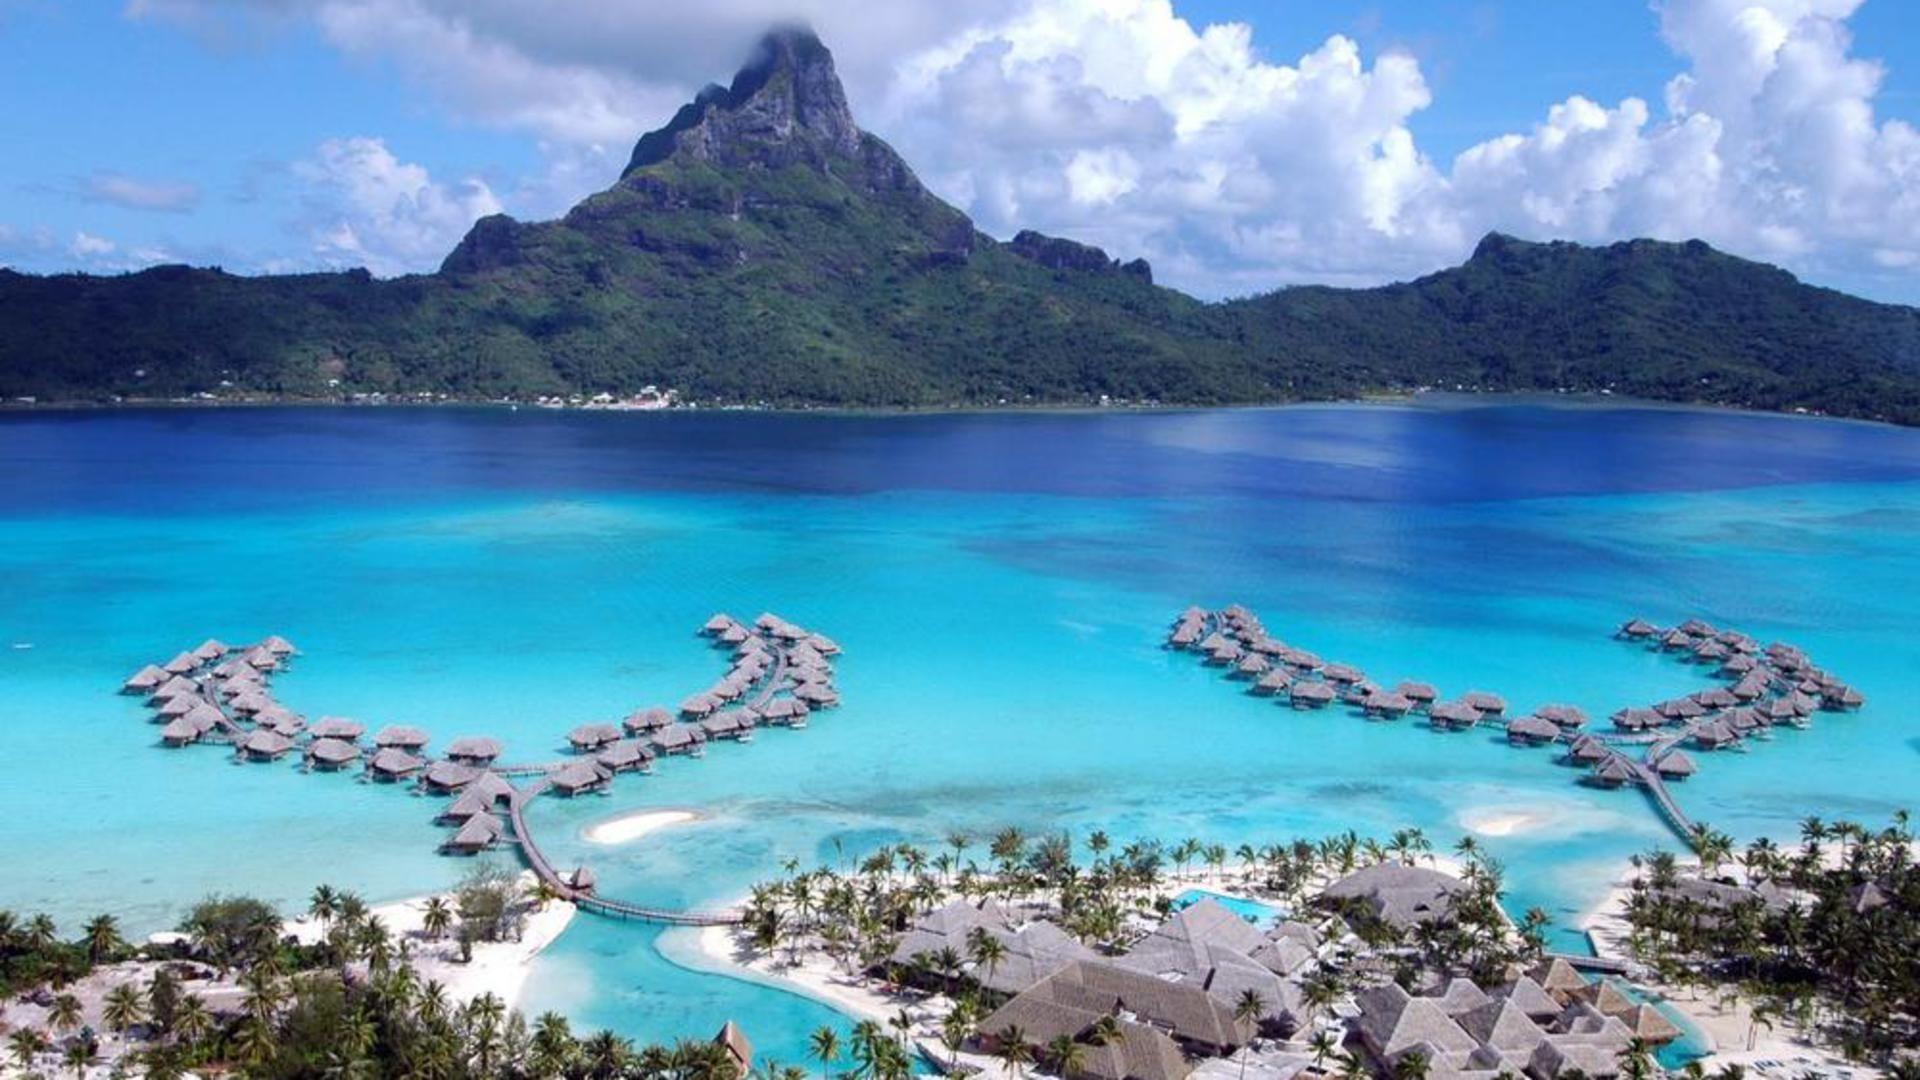 Bora Bora picture